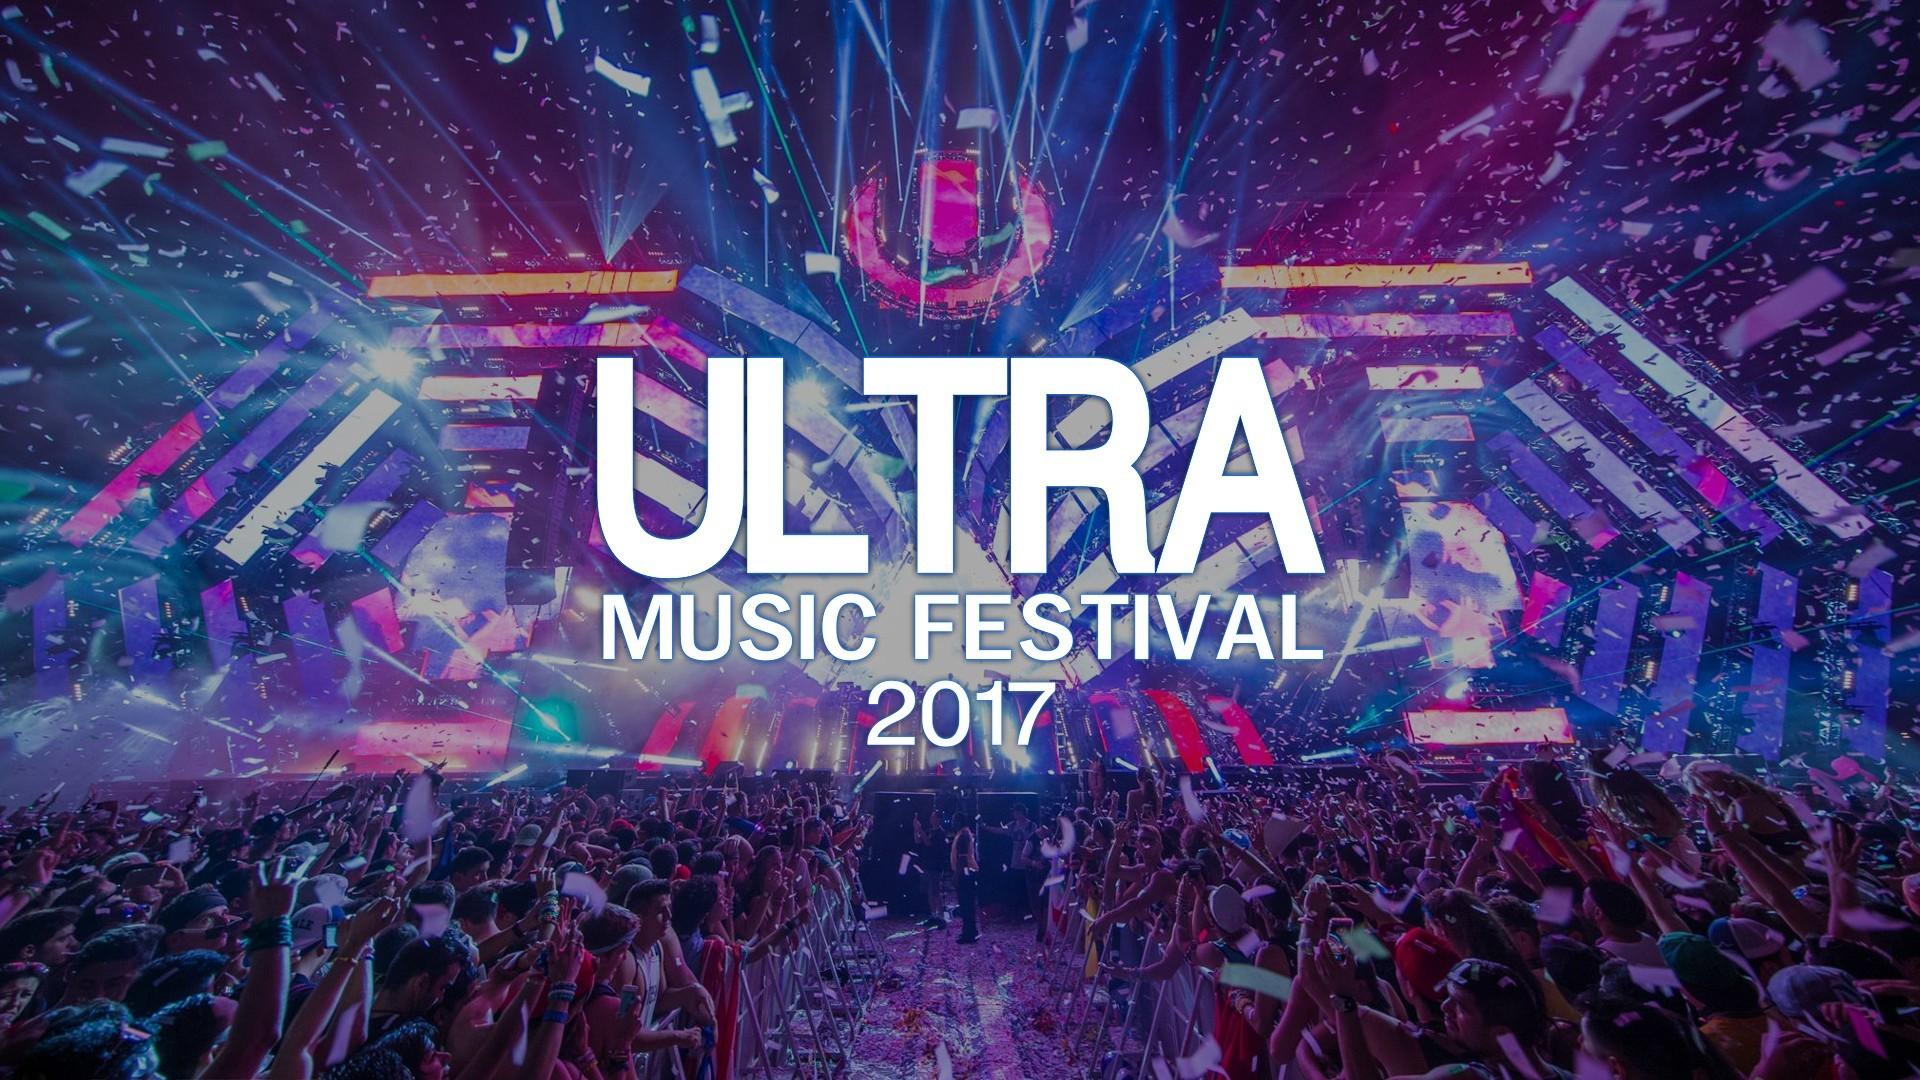 General Ultra Music Festival UMF logo